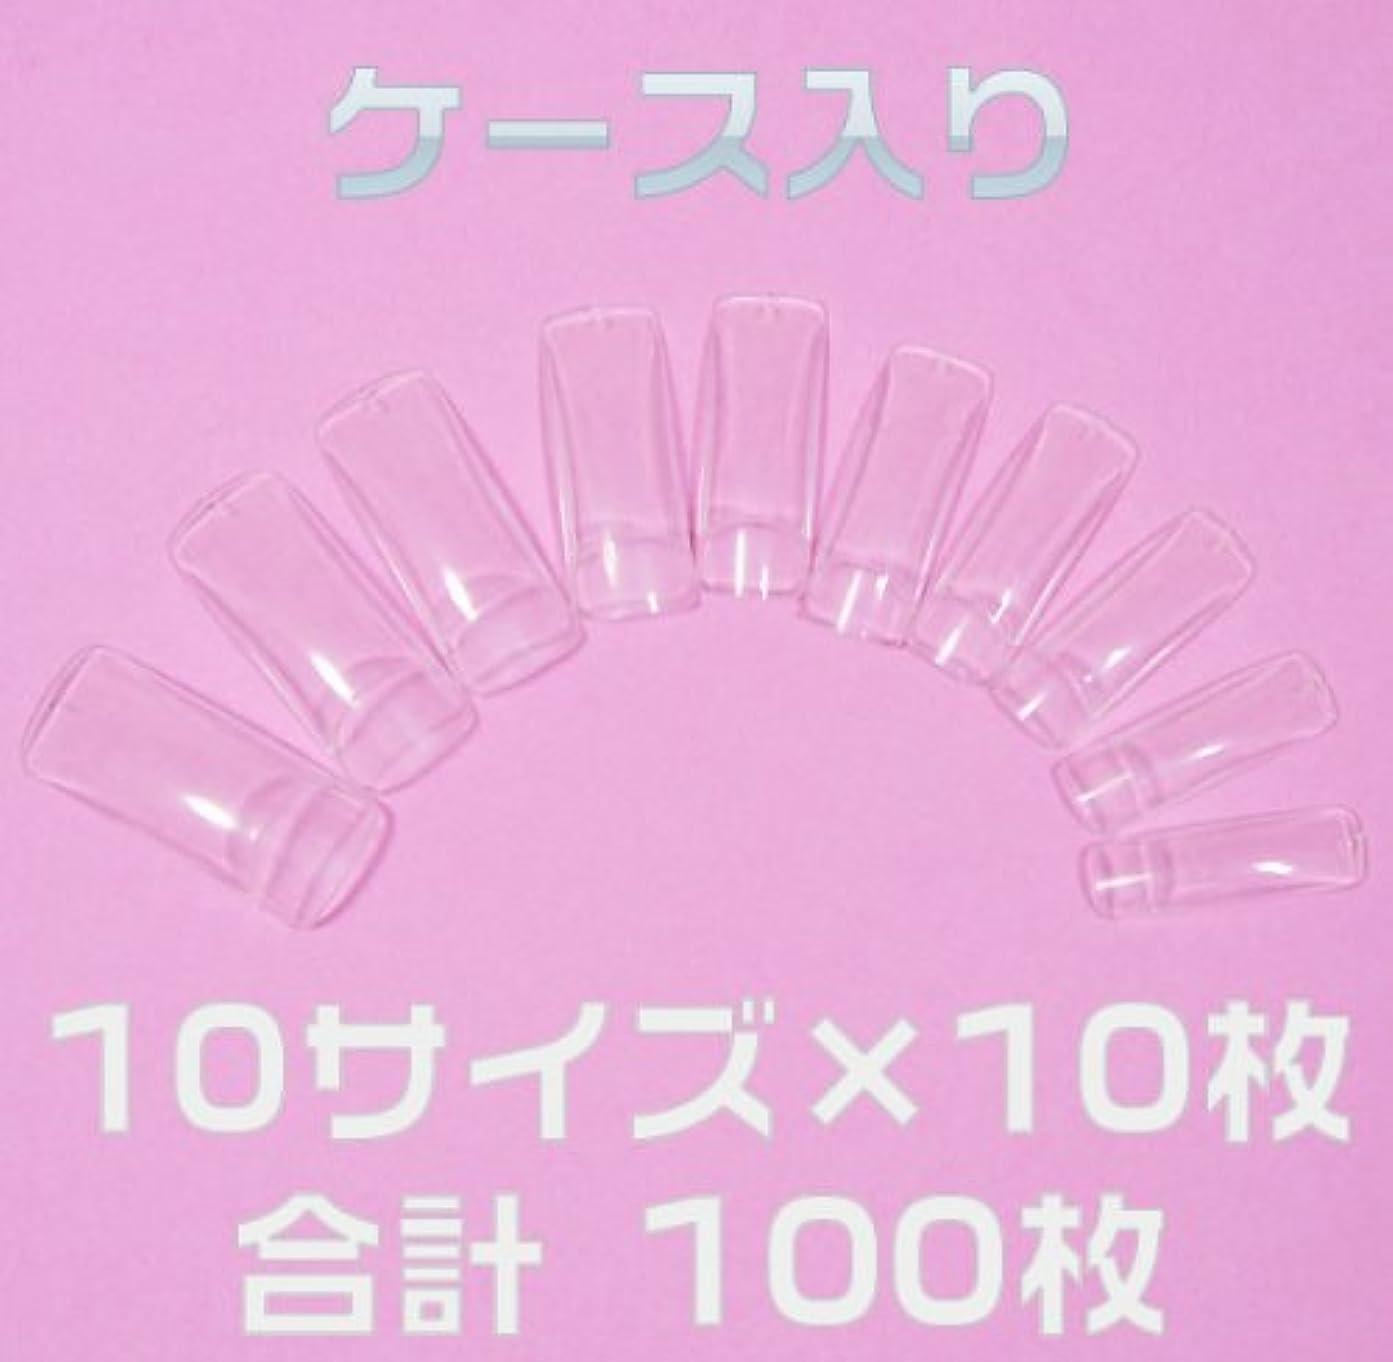 ダンスクレジットどこネイルチップ チップオーバーレイ用 クリア 100枚[#c3] つけ爪付け爪